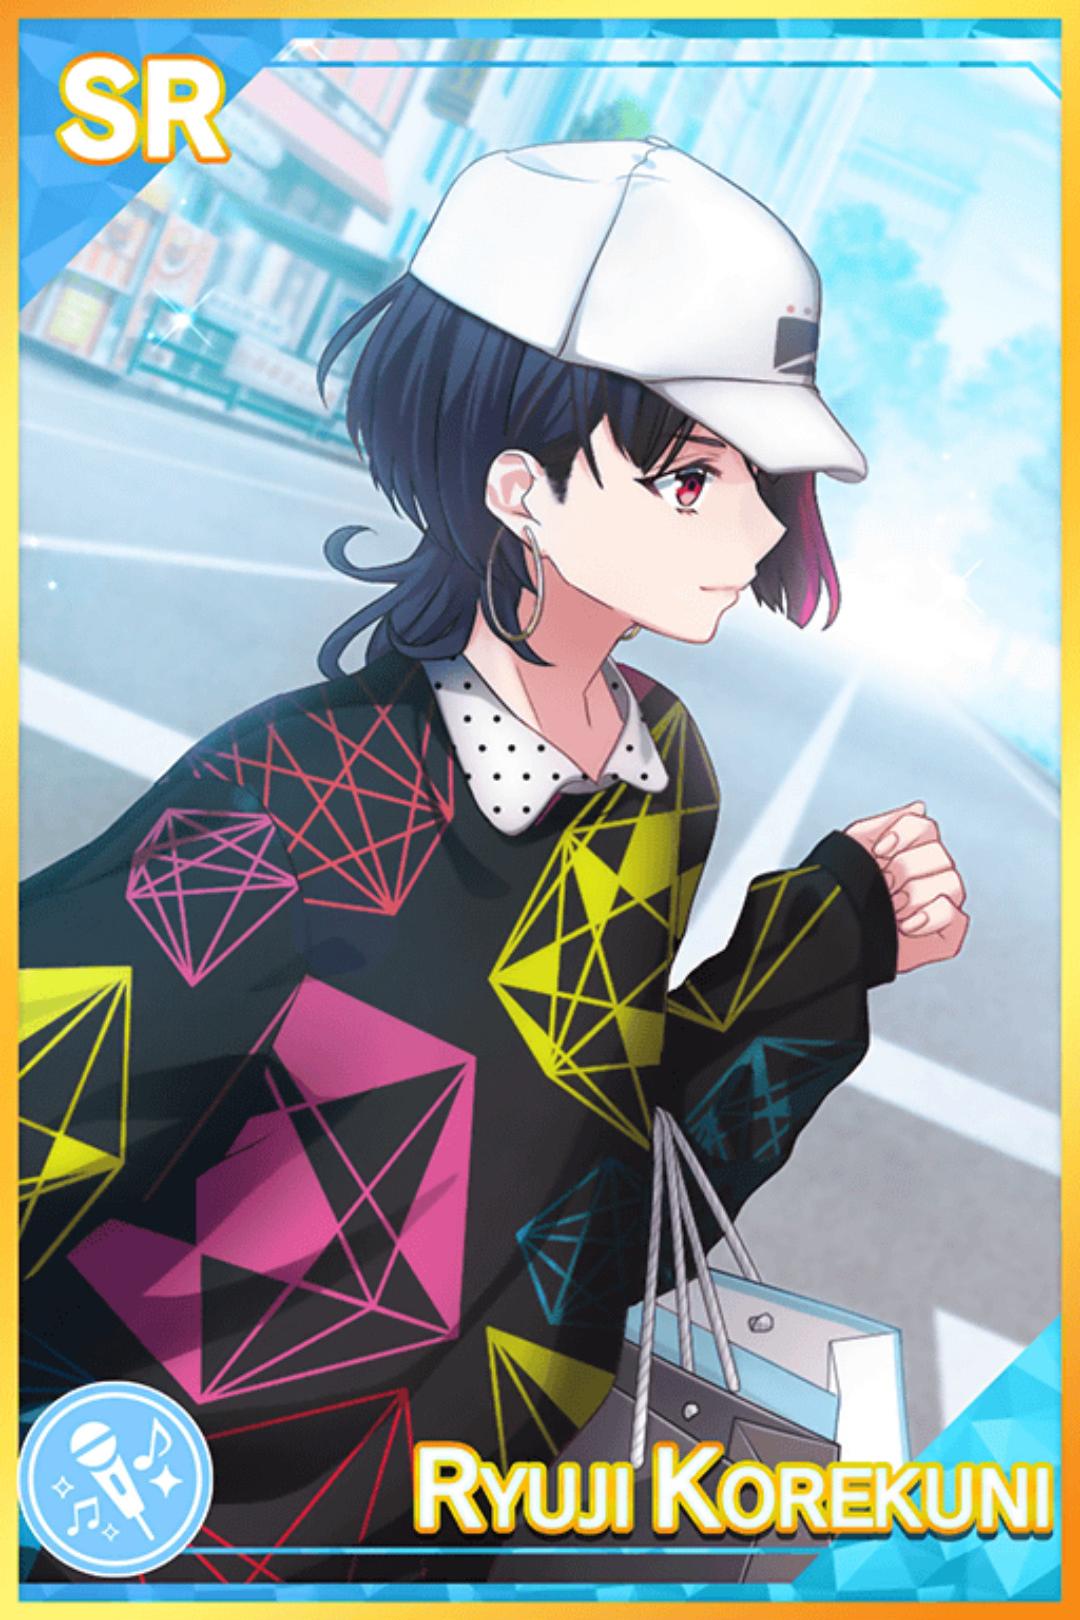 【Coordinate】Korekuni Ryuji